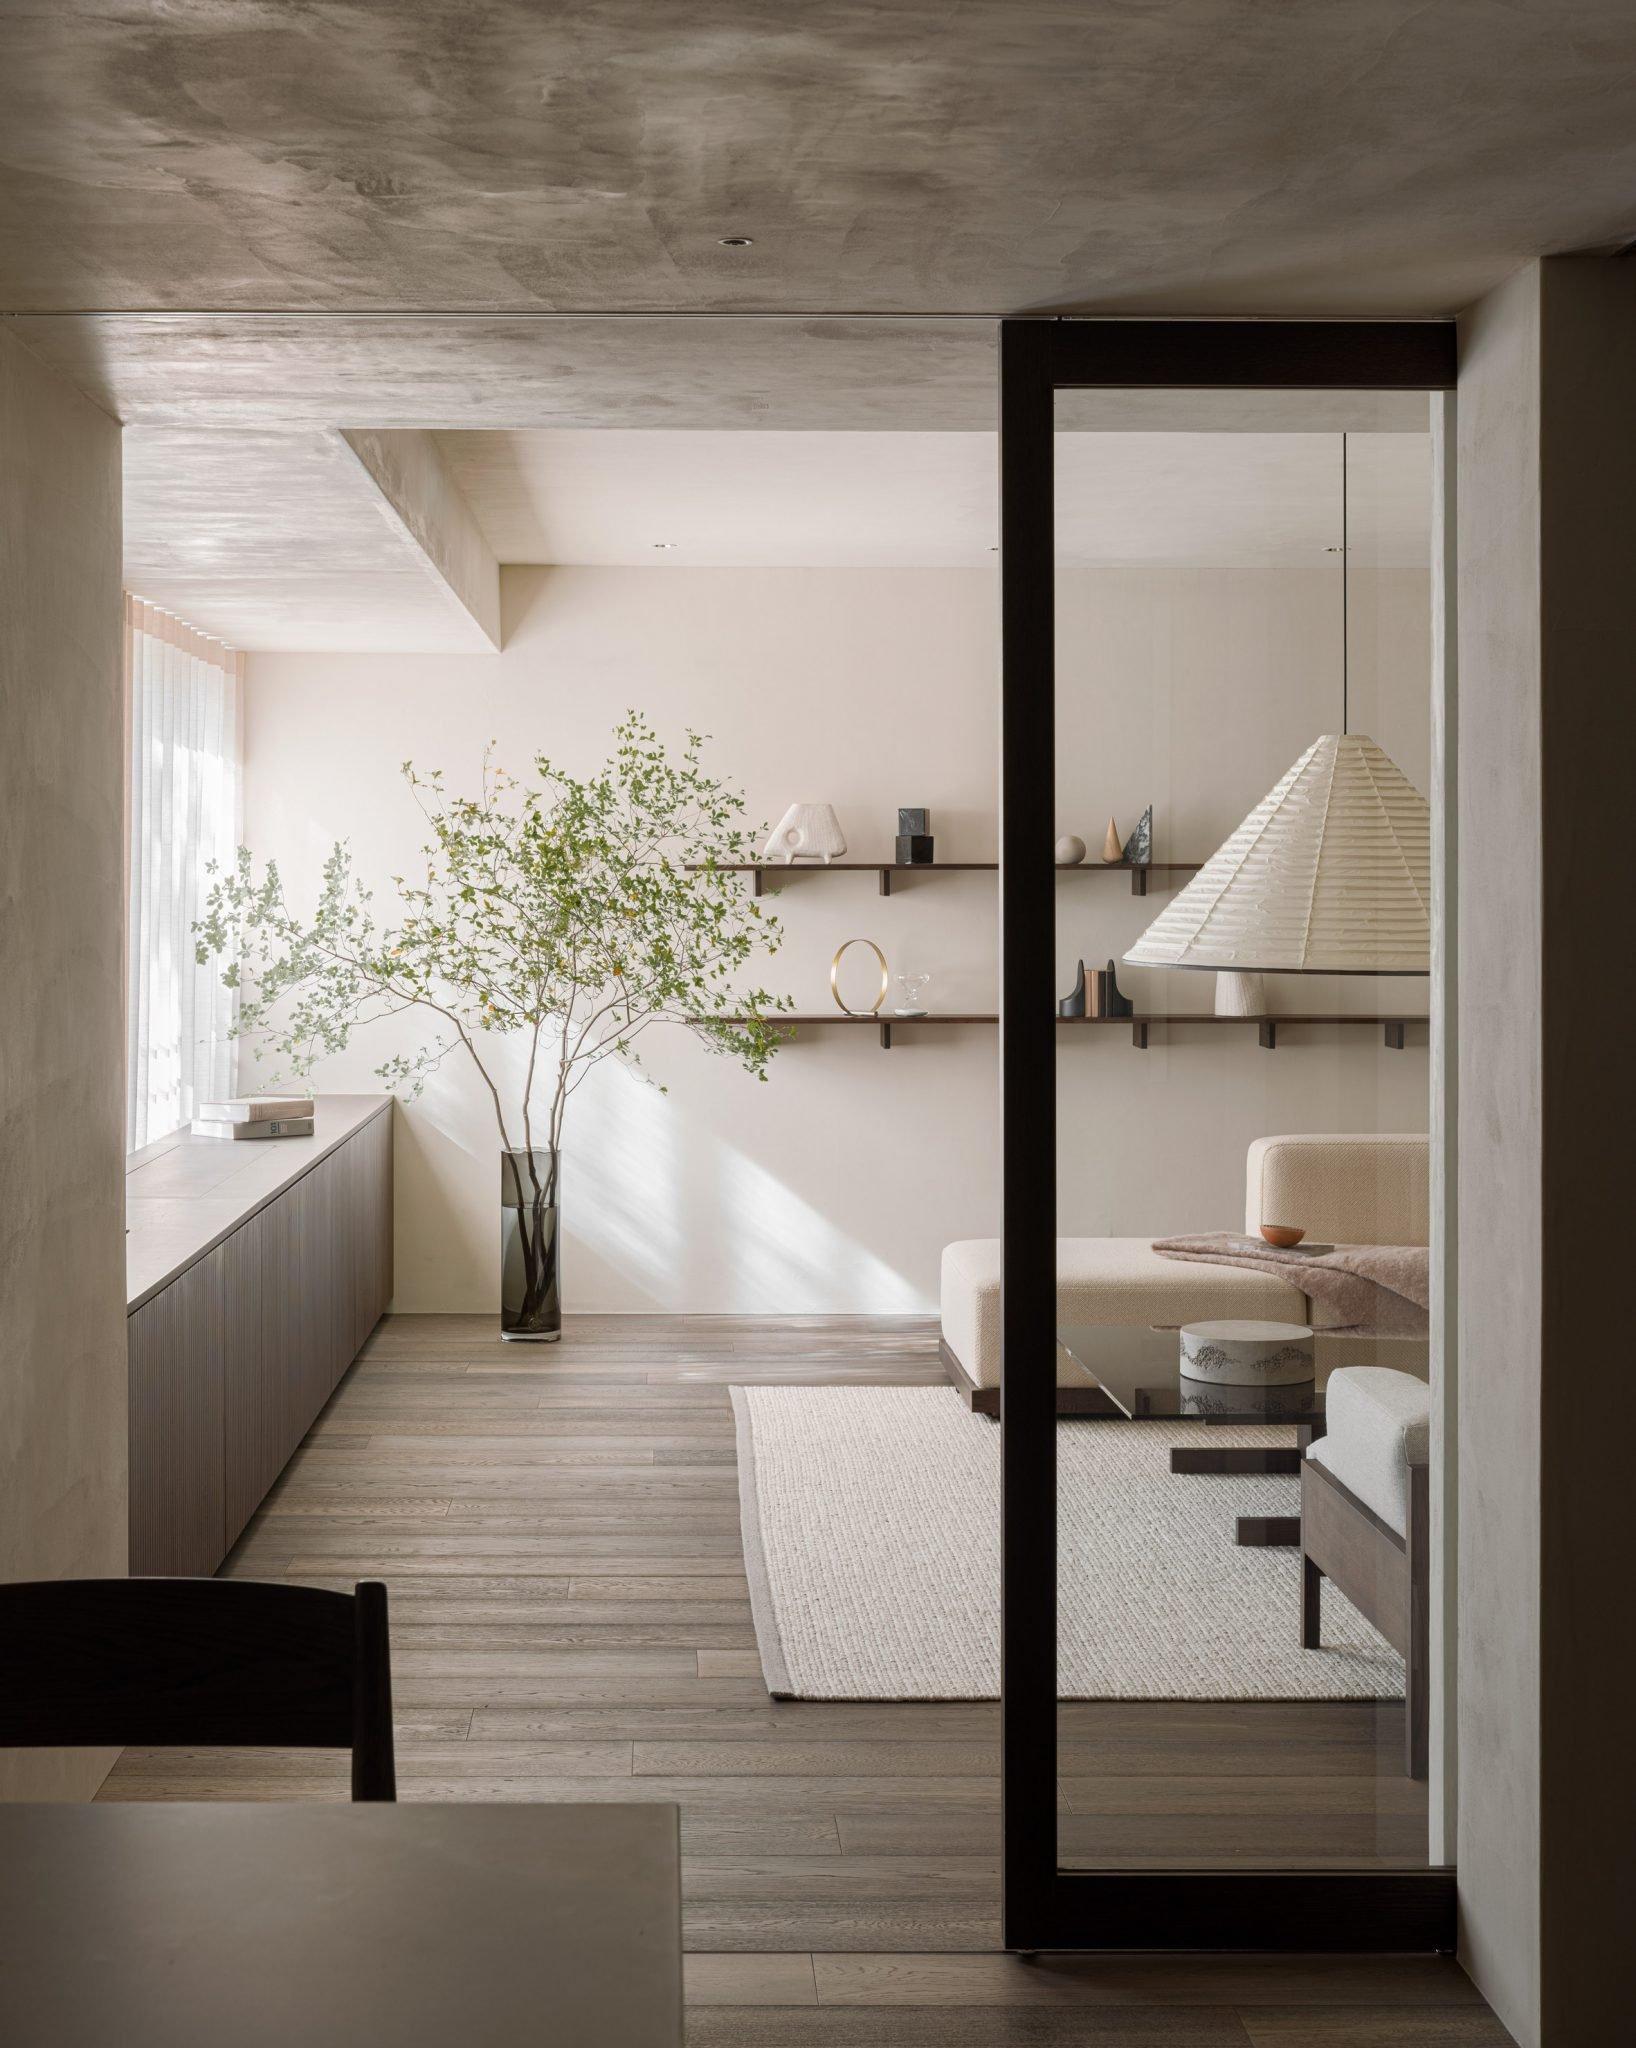 Những thiết kế phòng khách trang nhã, tinh tế lấy cảm hứng từ phong cách Nhật - Ảnh 6.